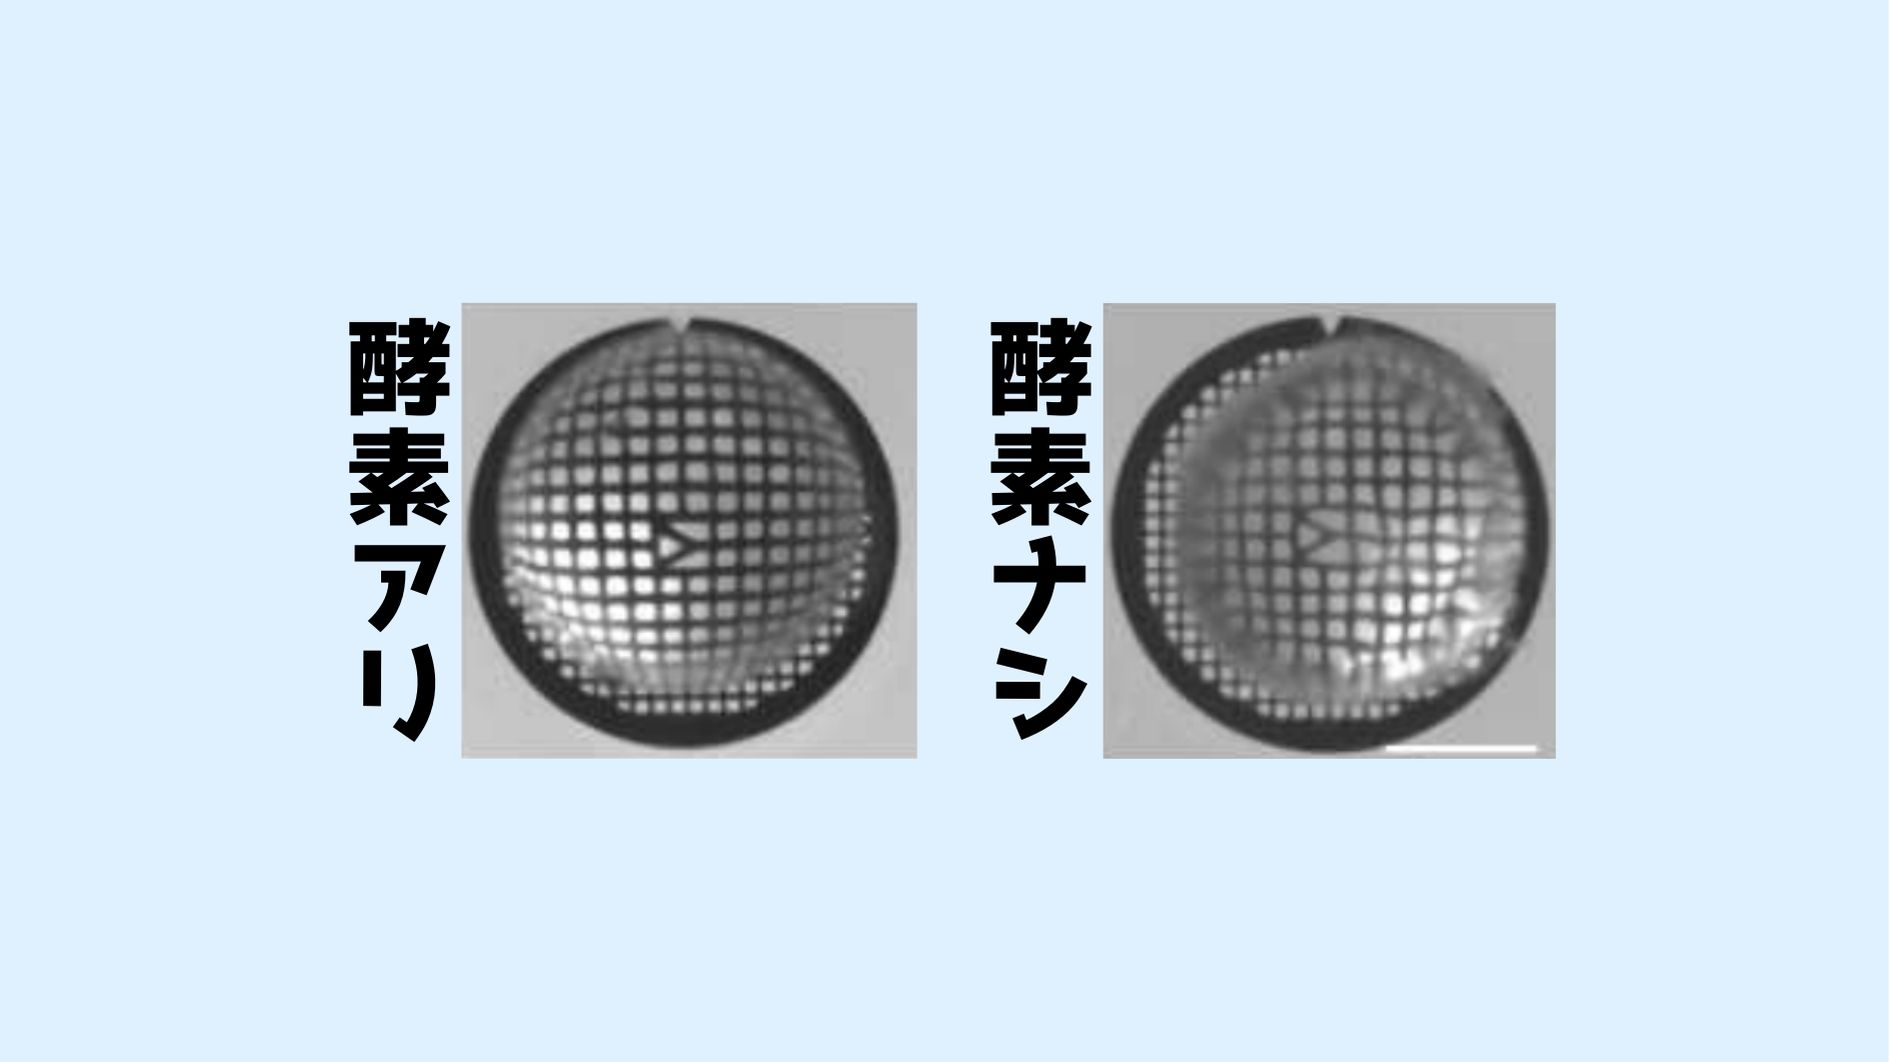 眼の水晶体が透明になる仕組みを解明! 溶かされるミトコンドリア